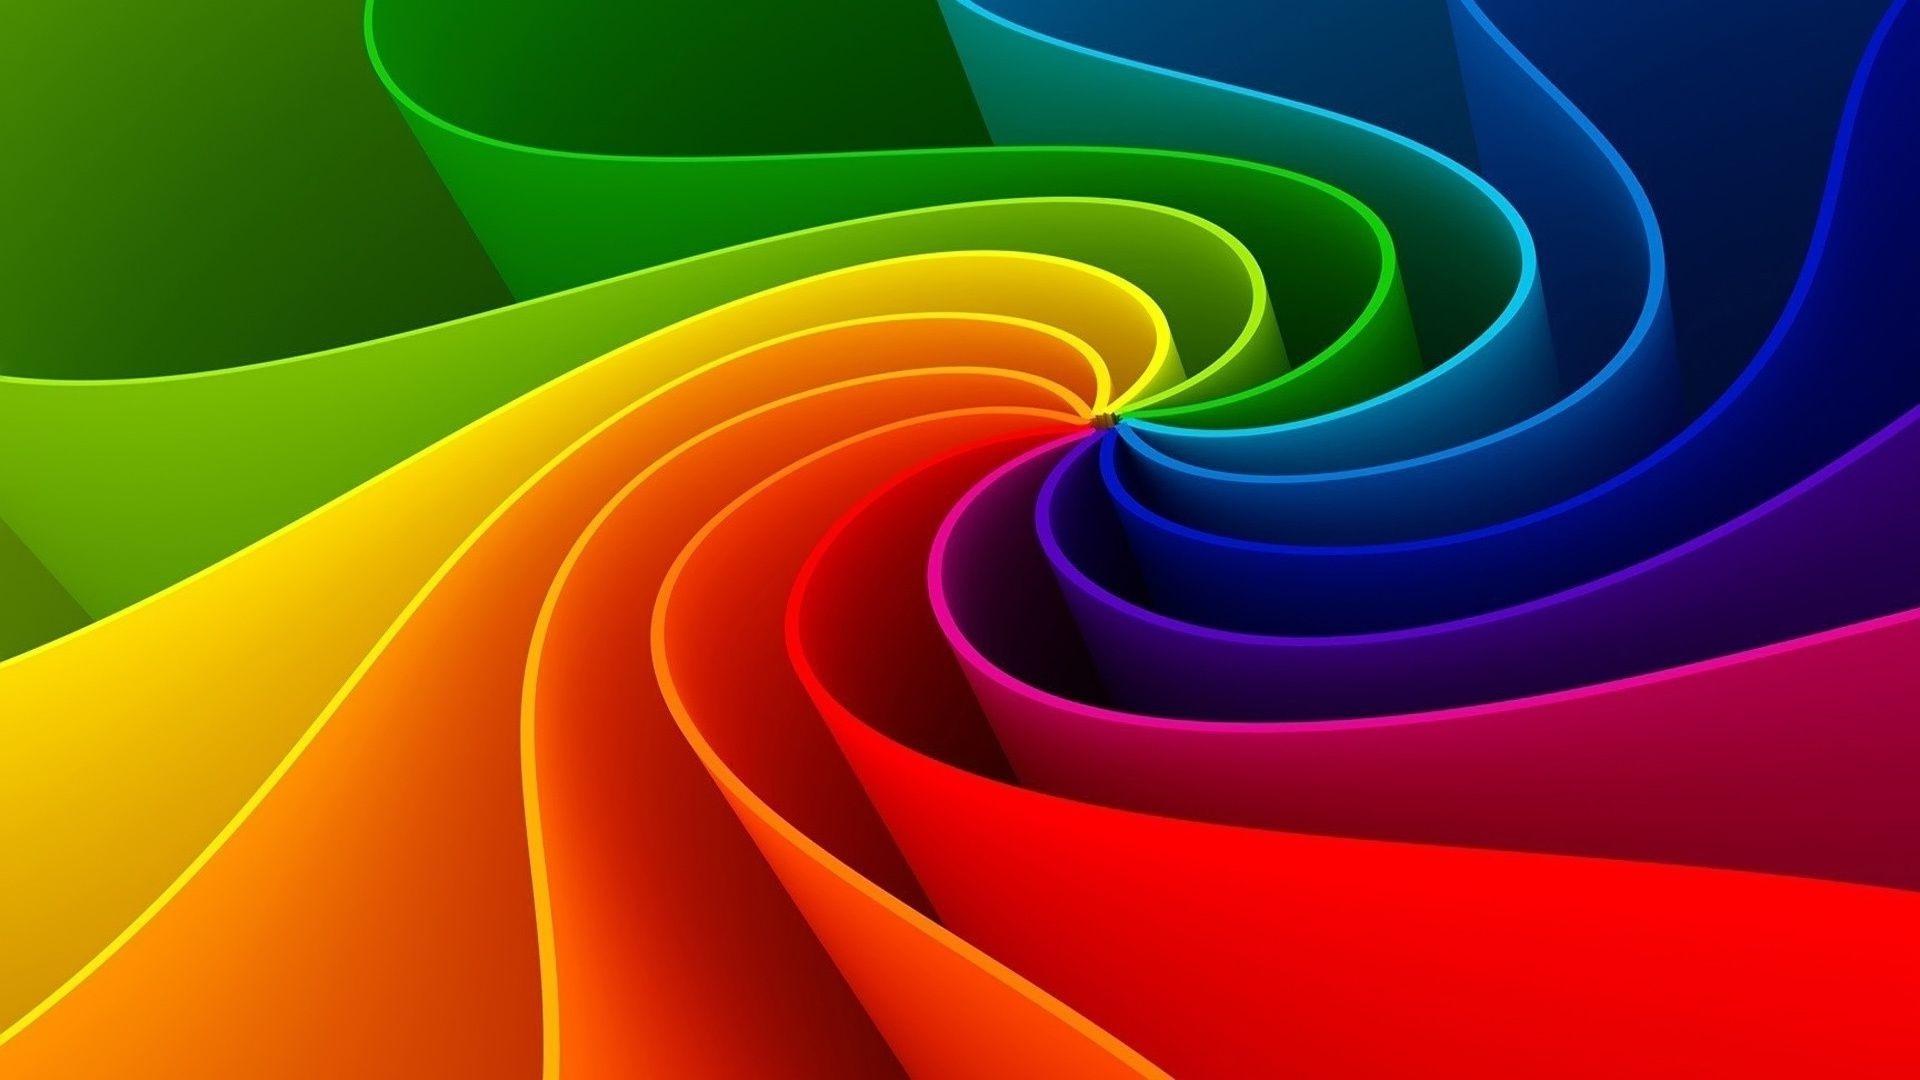 Абстракции, цвет, форма, спираль, рендеринг смотреть